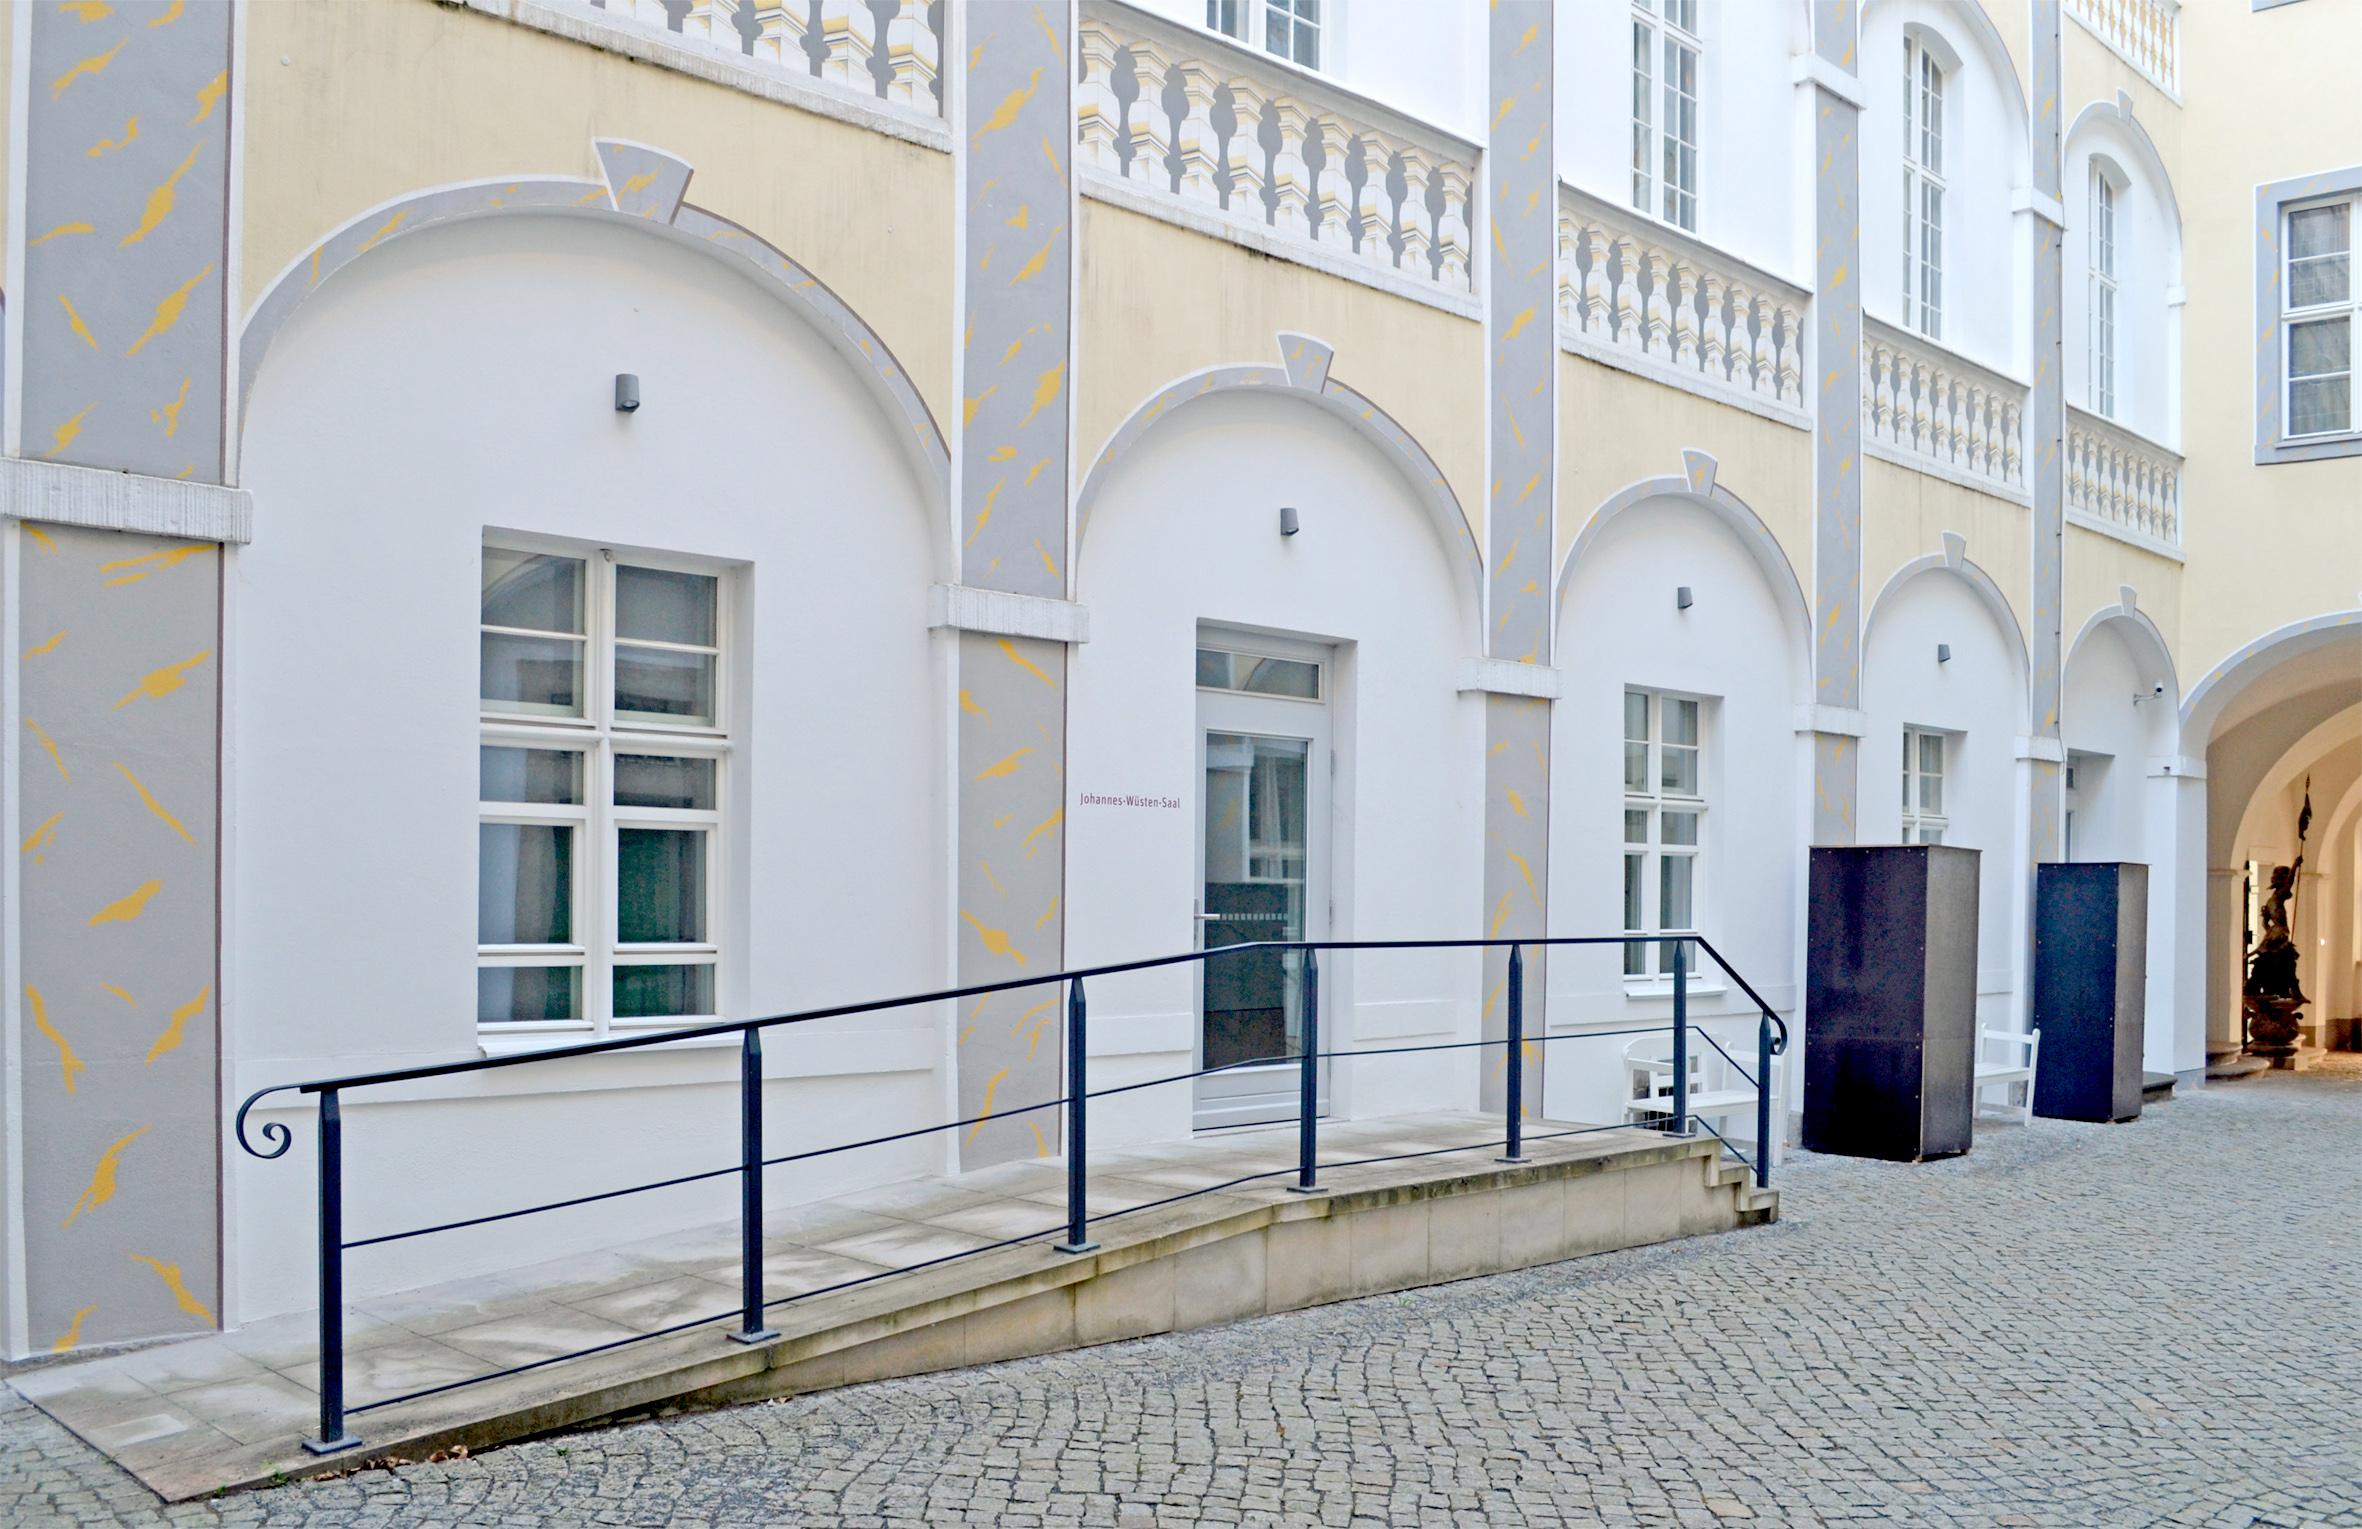 Eingang in das Barockhaus der Görlitzer Sammlungen. zum Eingang führt von der linken Seite eine Rampe und von der rechten Seite eine Treppe, die genau vor dem Eingang zusammengeführt werden.